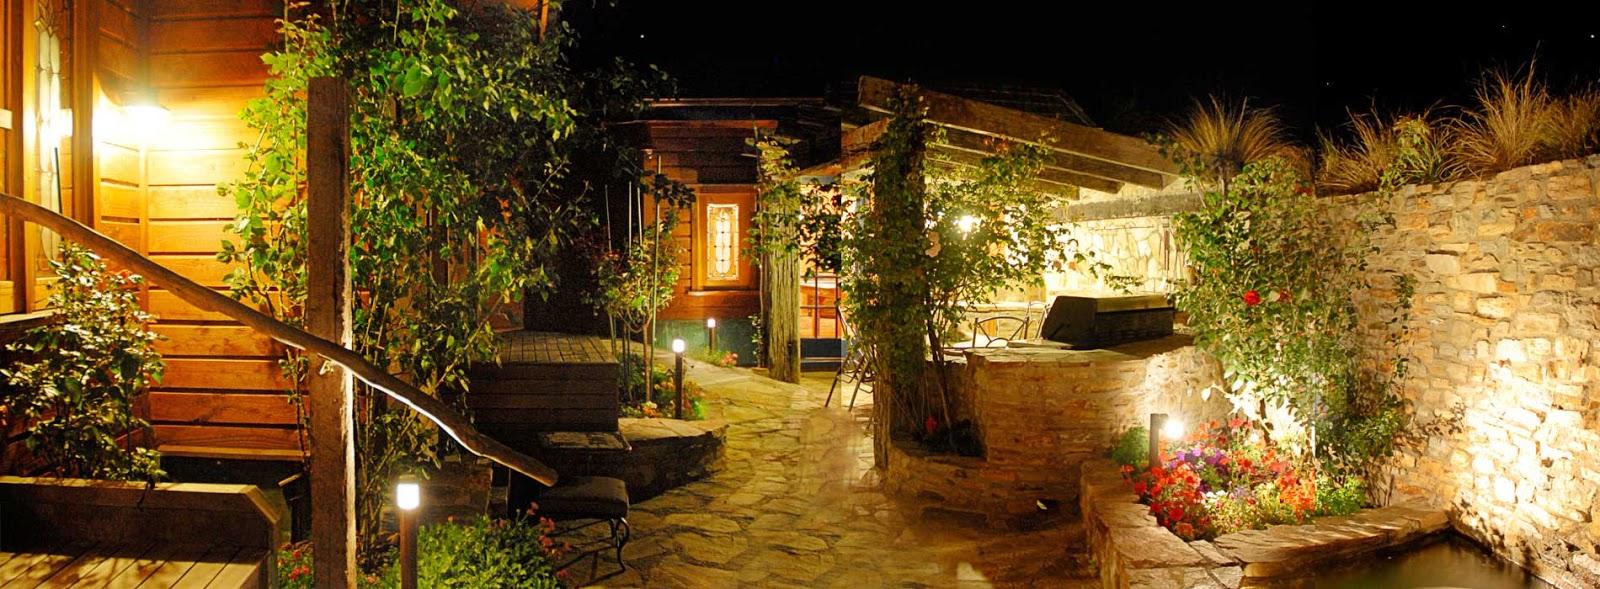 Instalaciones el ctricas residenciales luces de patio for Luces exterior jardin